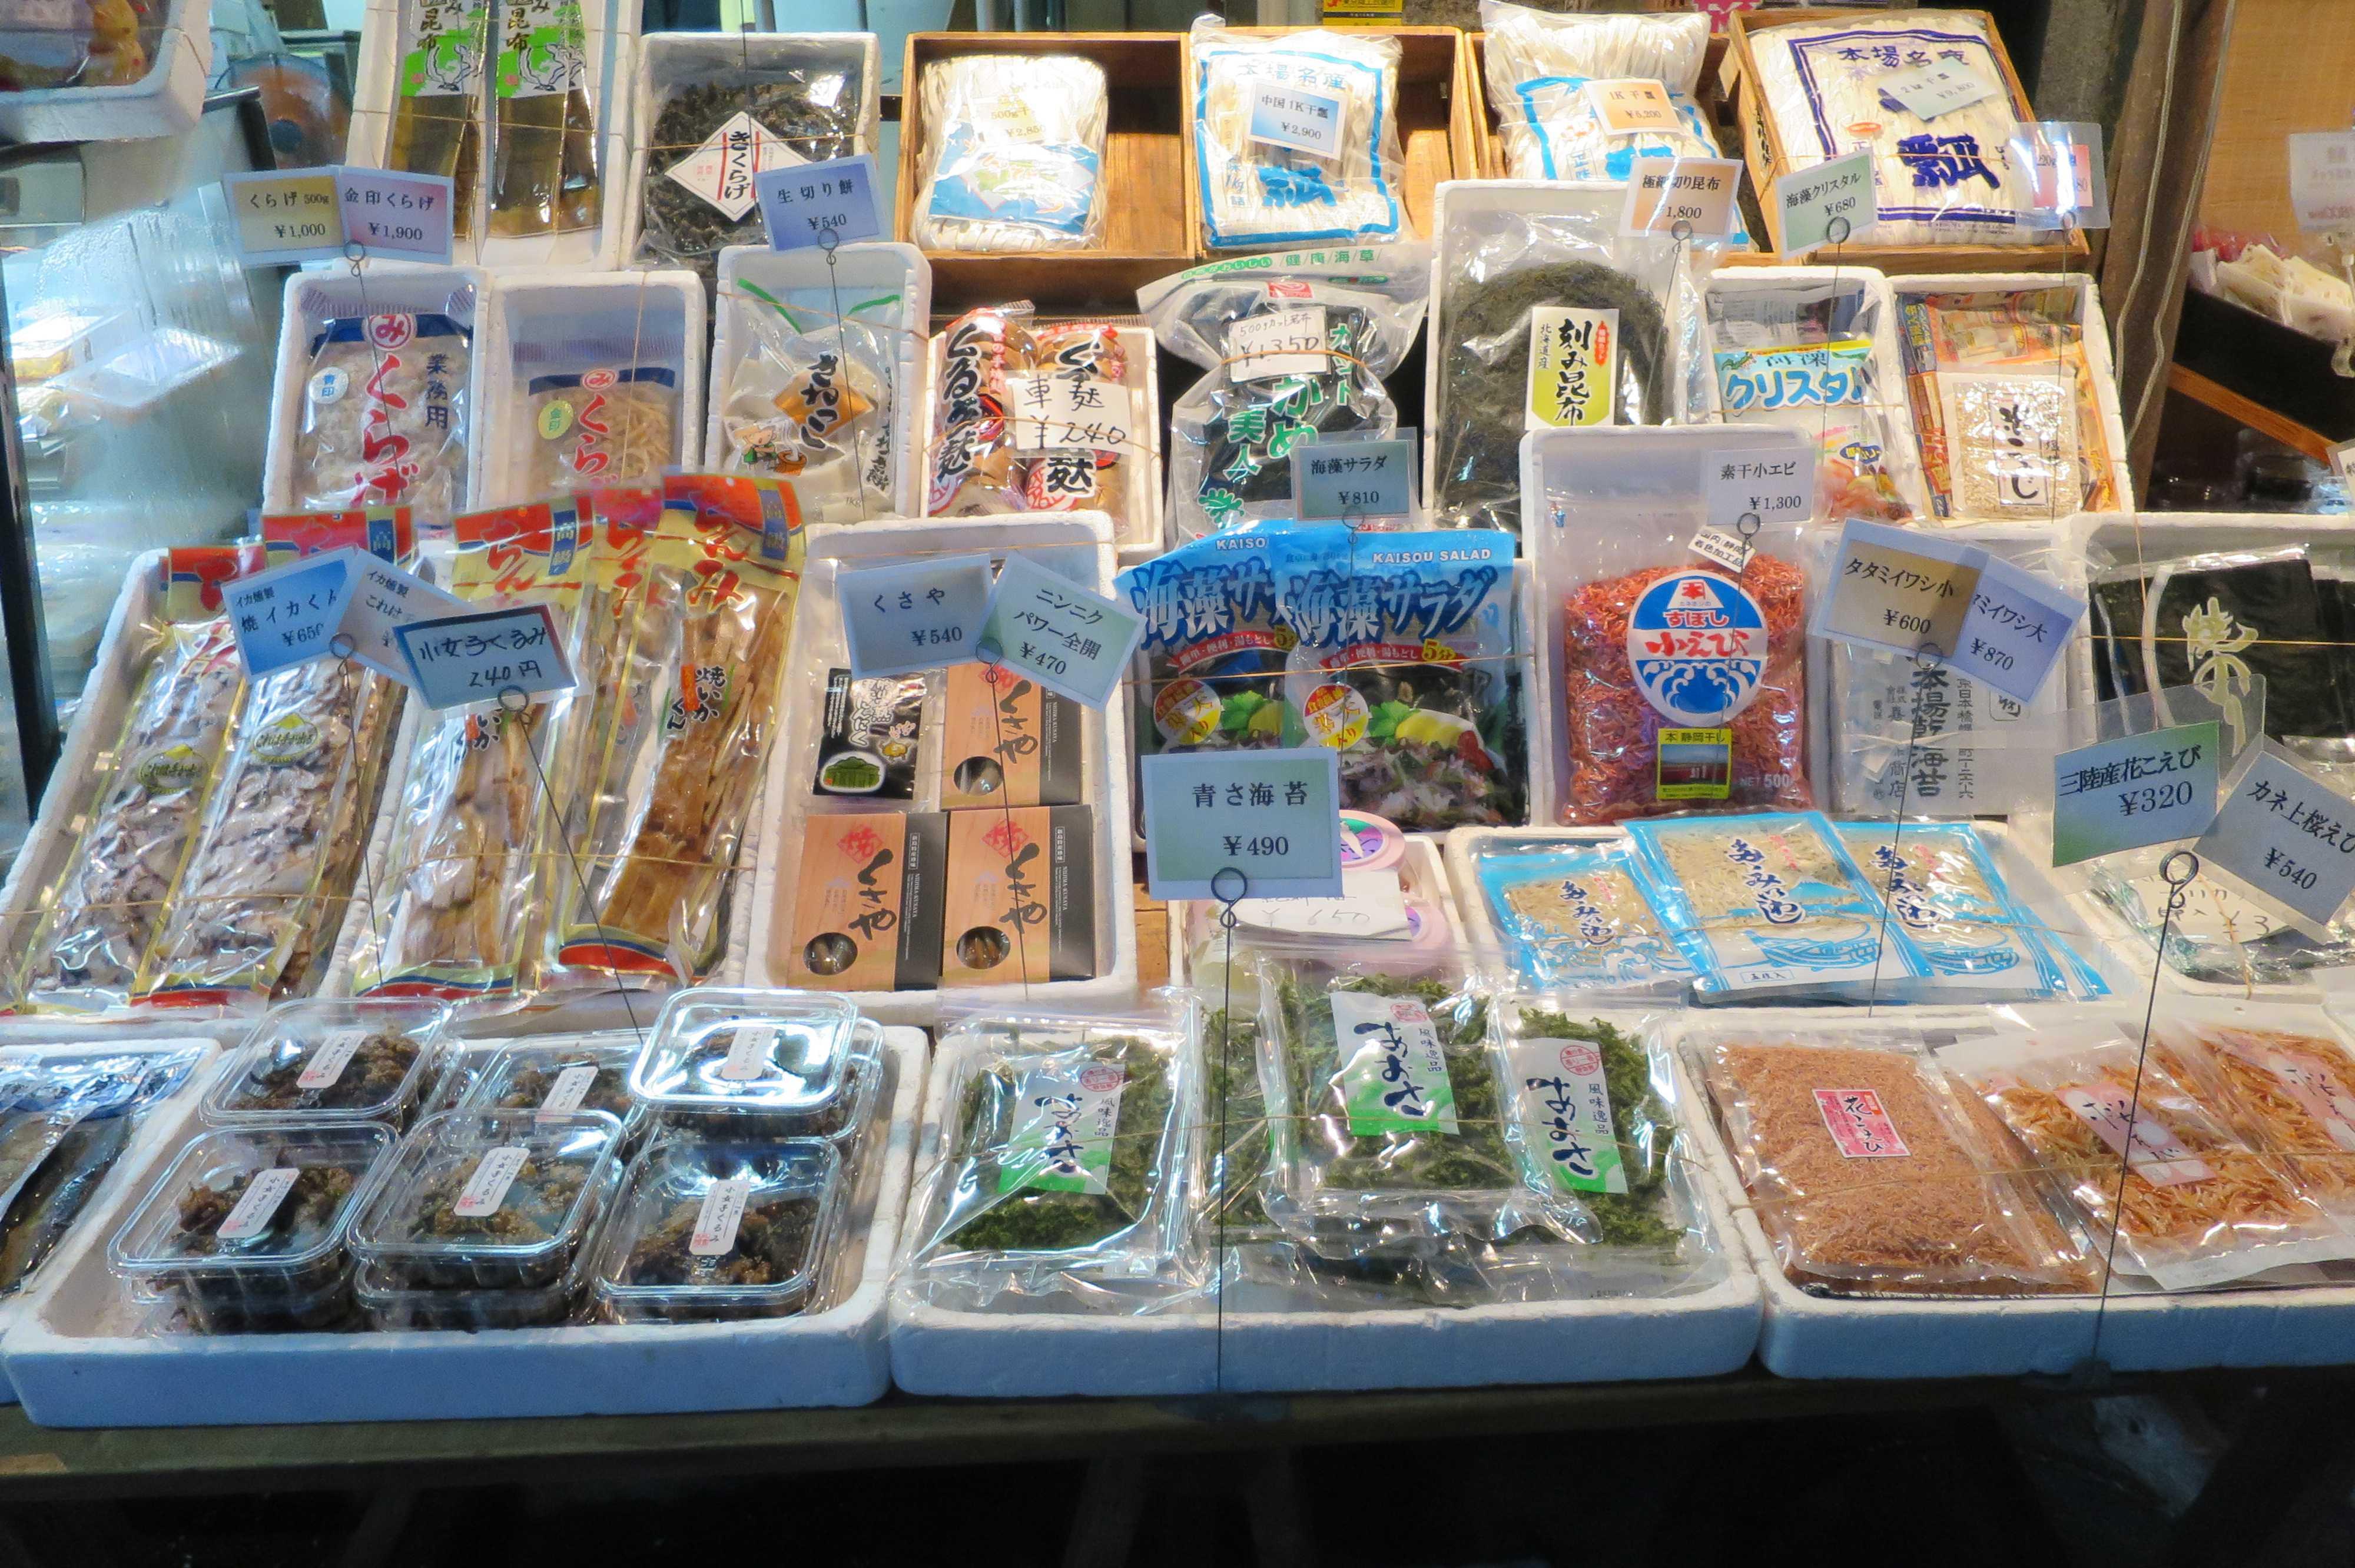 築地場外市場 - くるみ、青さ海苔、こえび、桜えび、くさや、タタミイワシなど